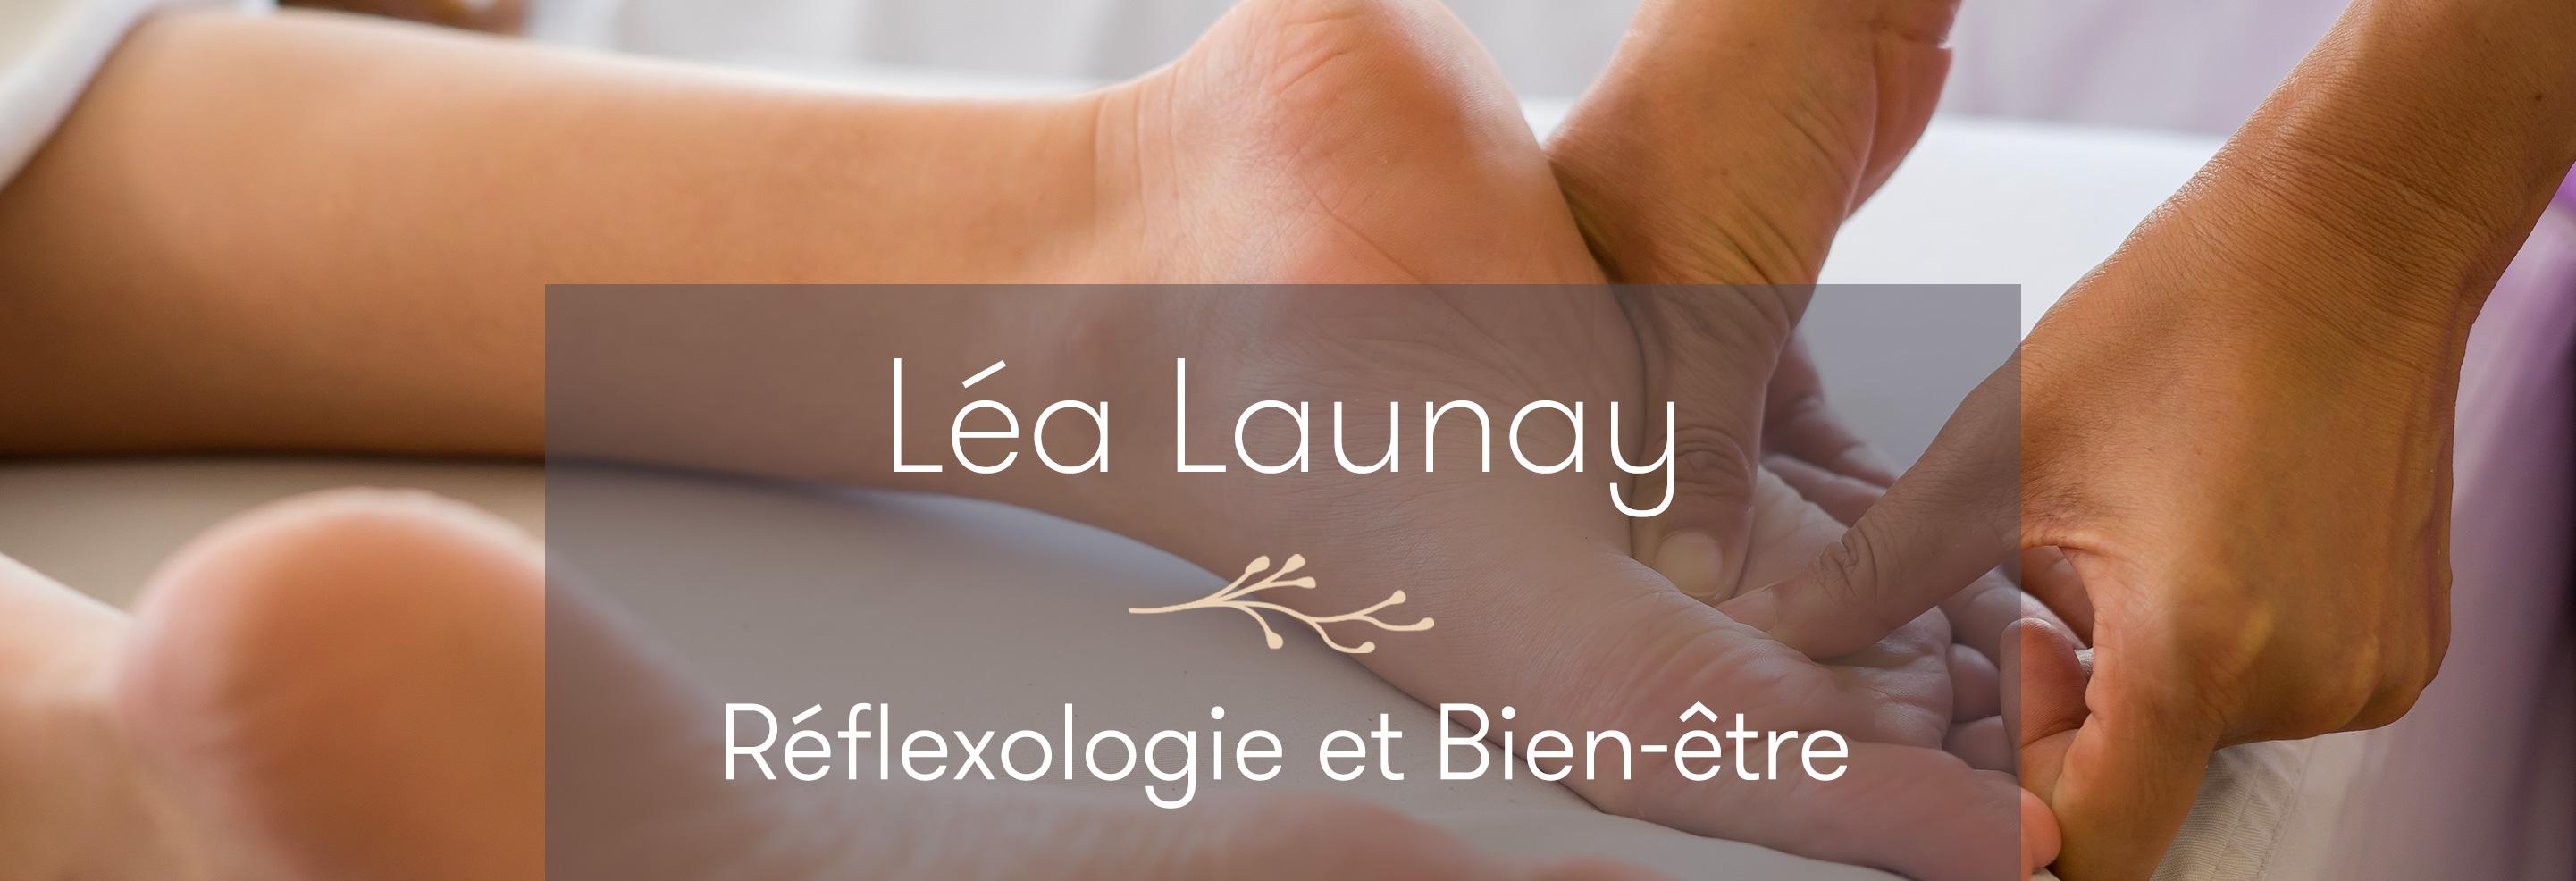 Léa Launay, réfléxologue Morbihan